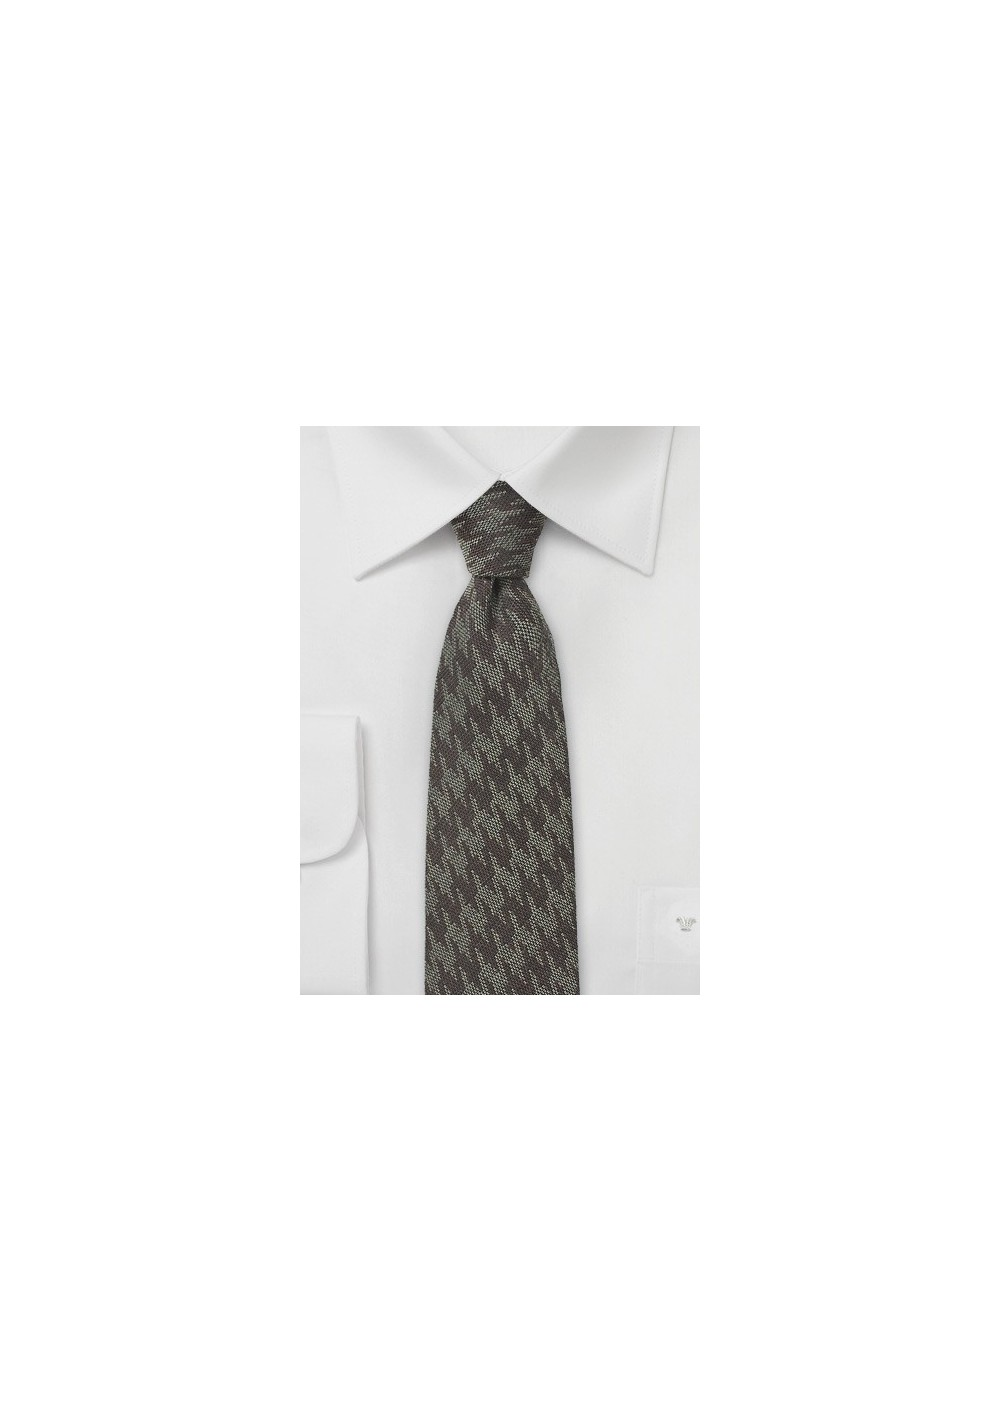 Wool Houndstooth Skinny Tie in Brown Tones